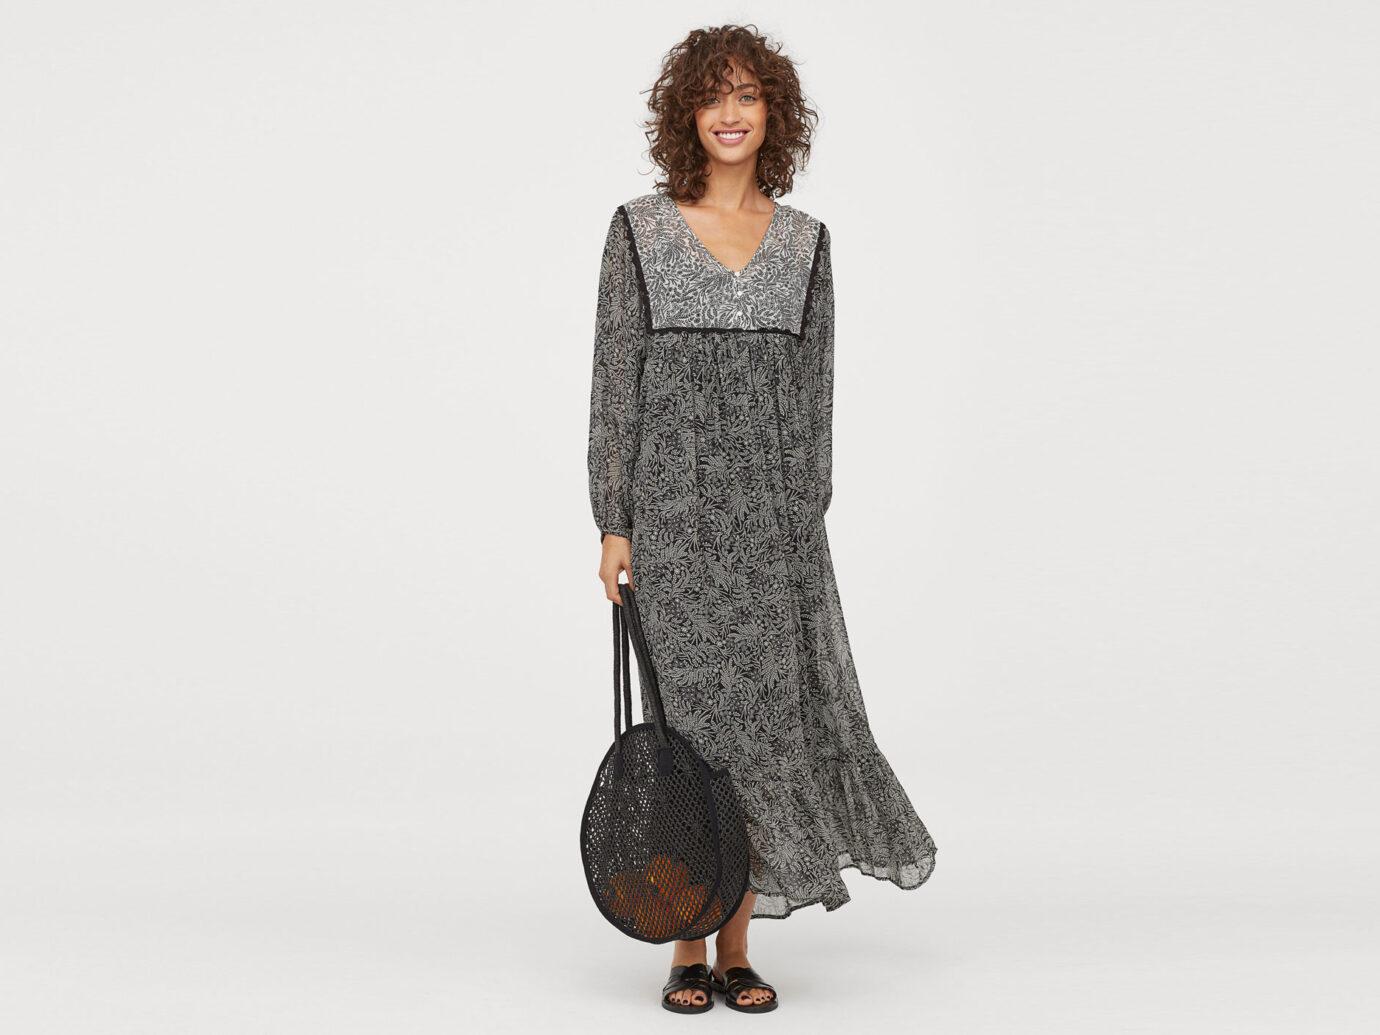 H&M Patterend Chiffon Dress